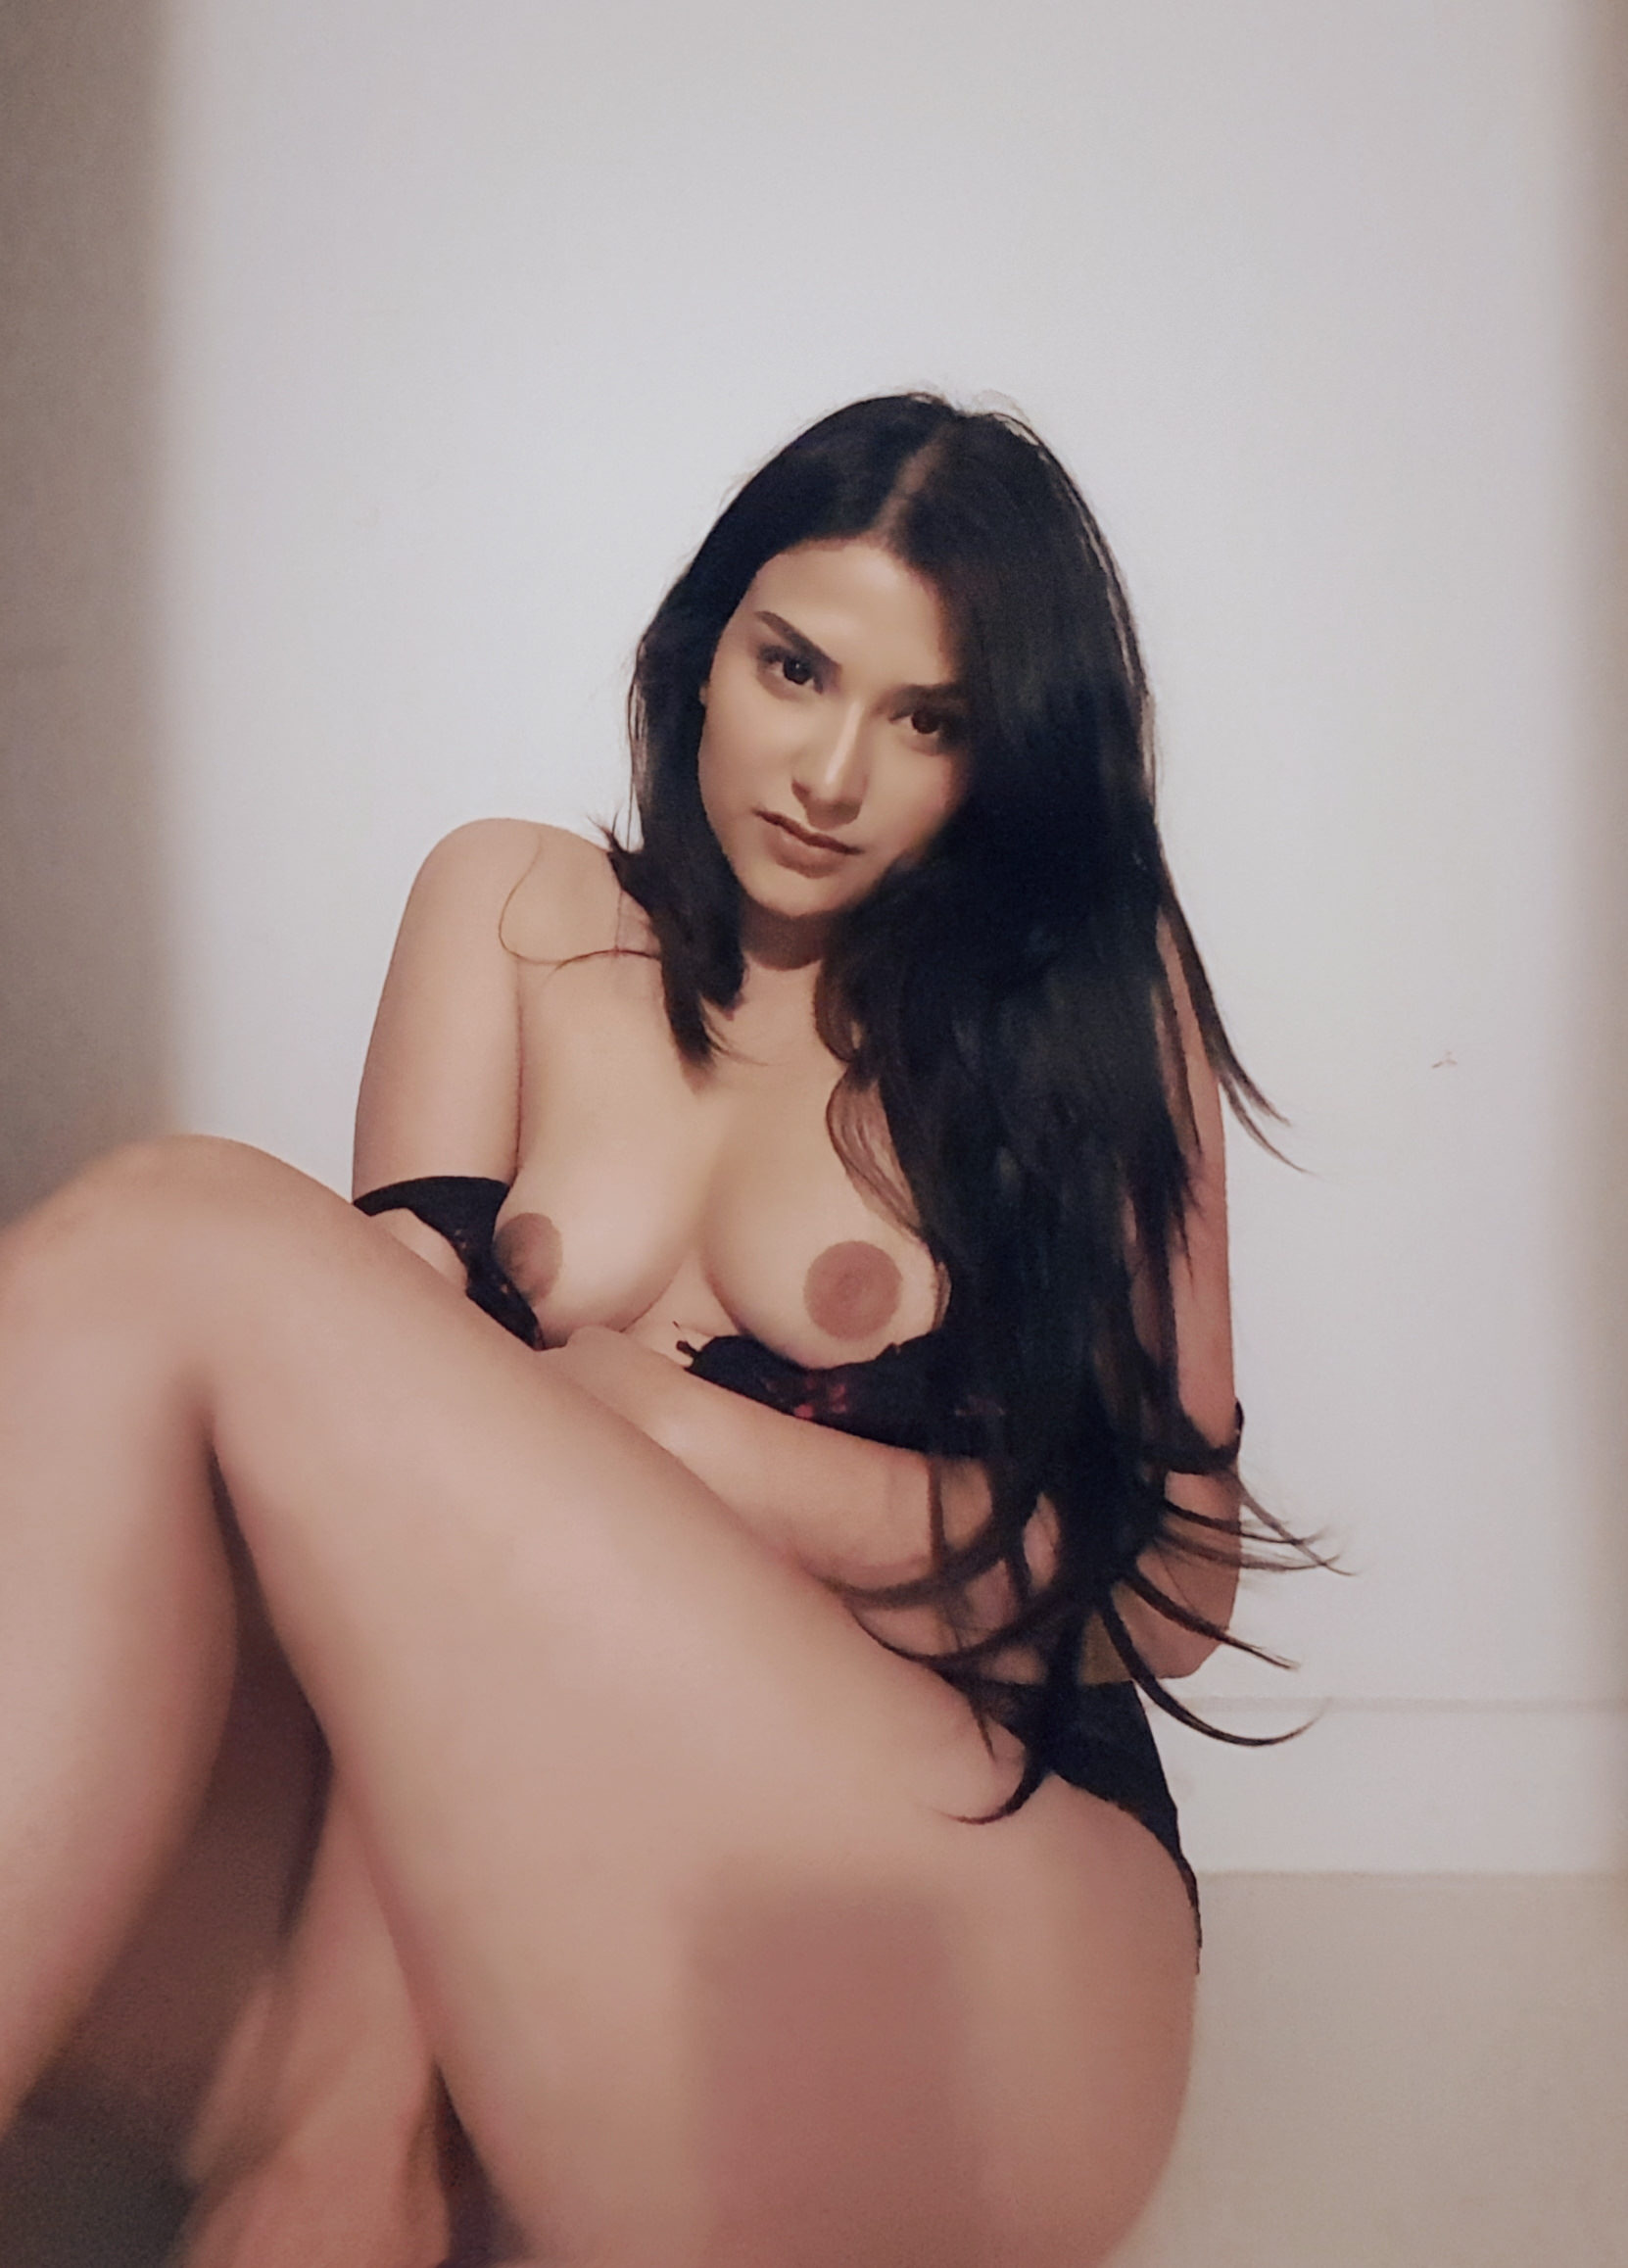 Itsaka Nude Photos Leaked! 0036